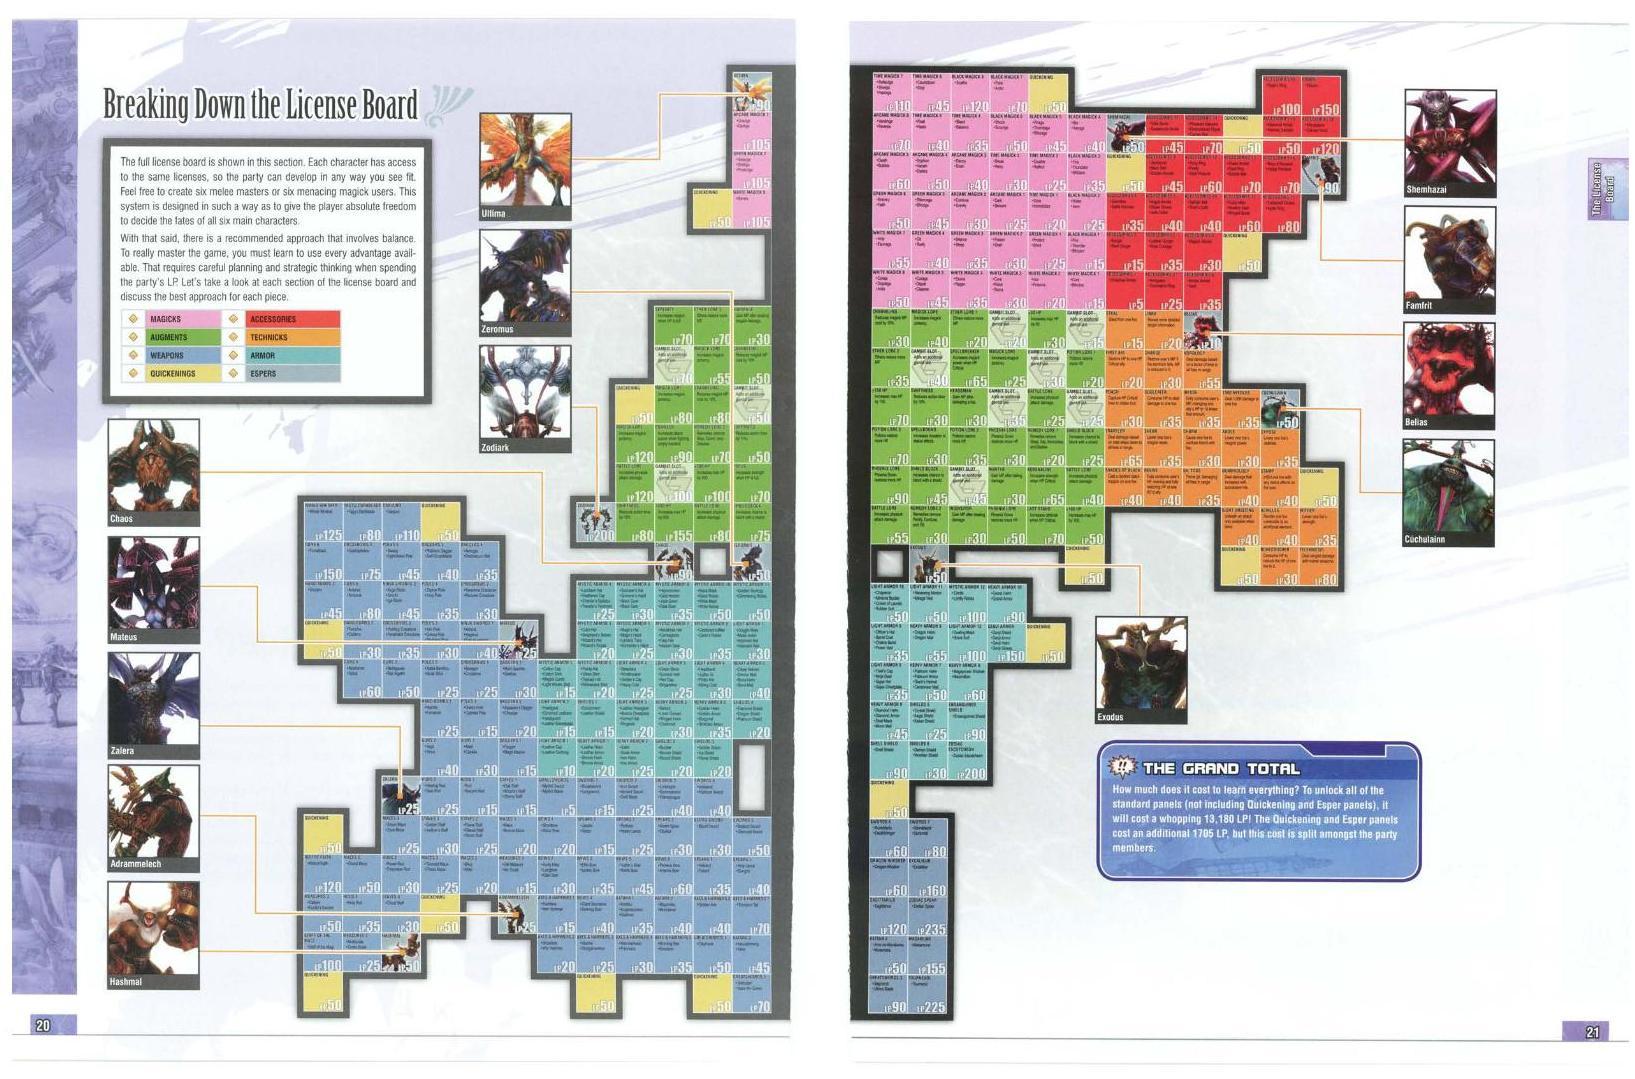 prima guide ff12 zodiac age pdf